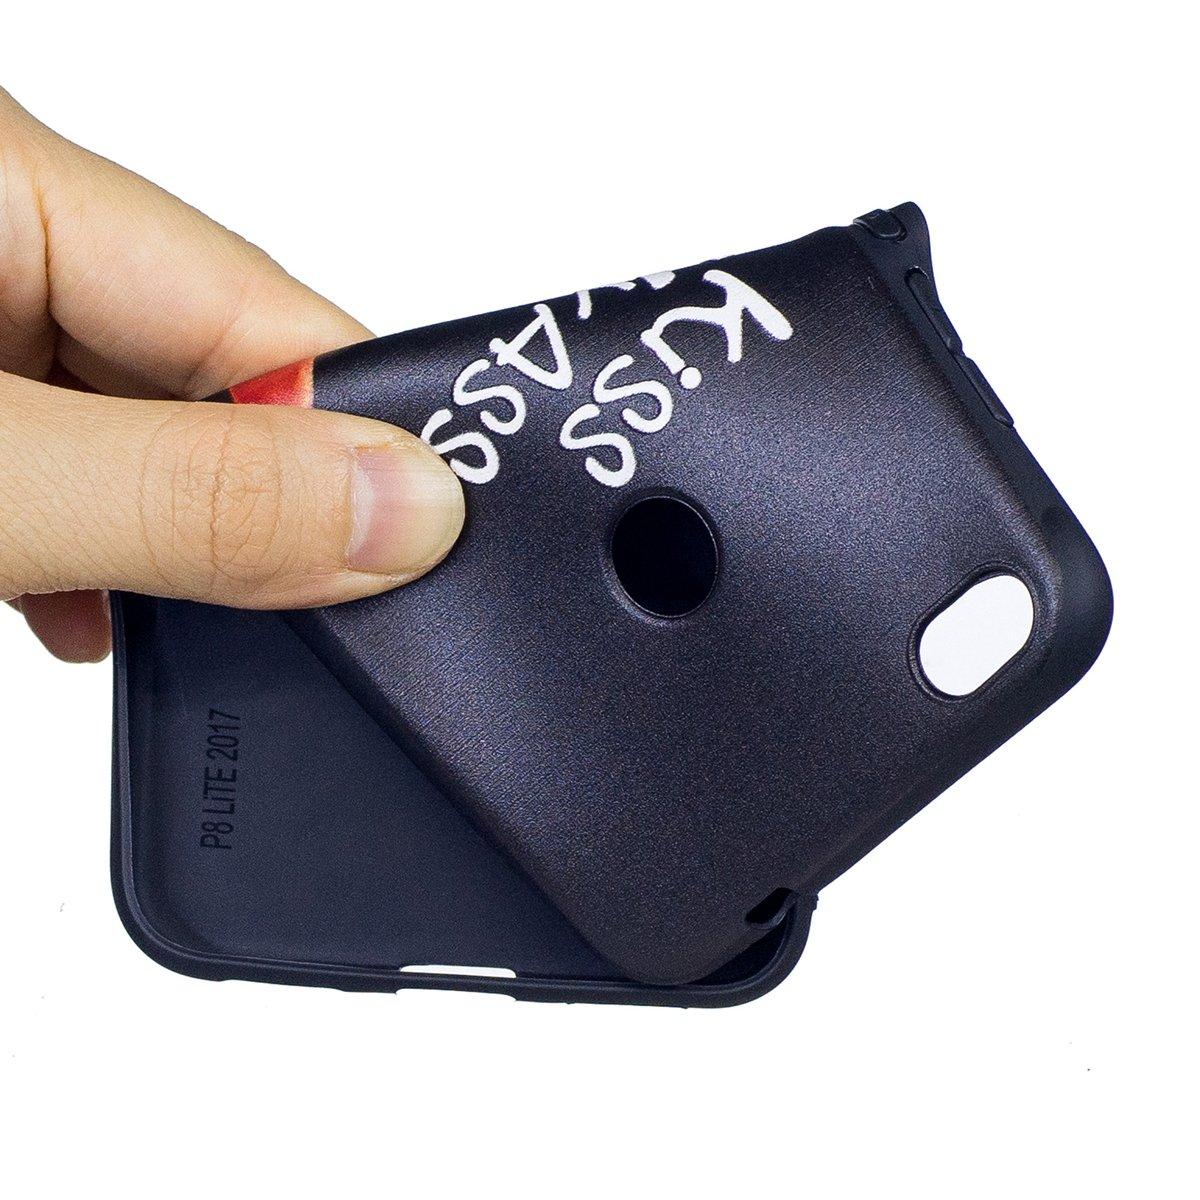 Piuma Farfalla ISAKEN Compatibile con Huawei P8 Lite Cover Morbido TPU Custodia Cover Slim Anti Scivolo Custodia Protezione Posteriore Cover Antiurto con Nero Bumper e Nero Back